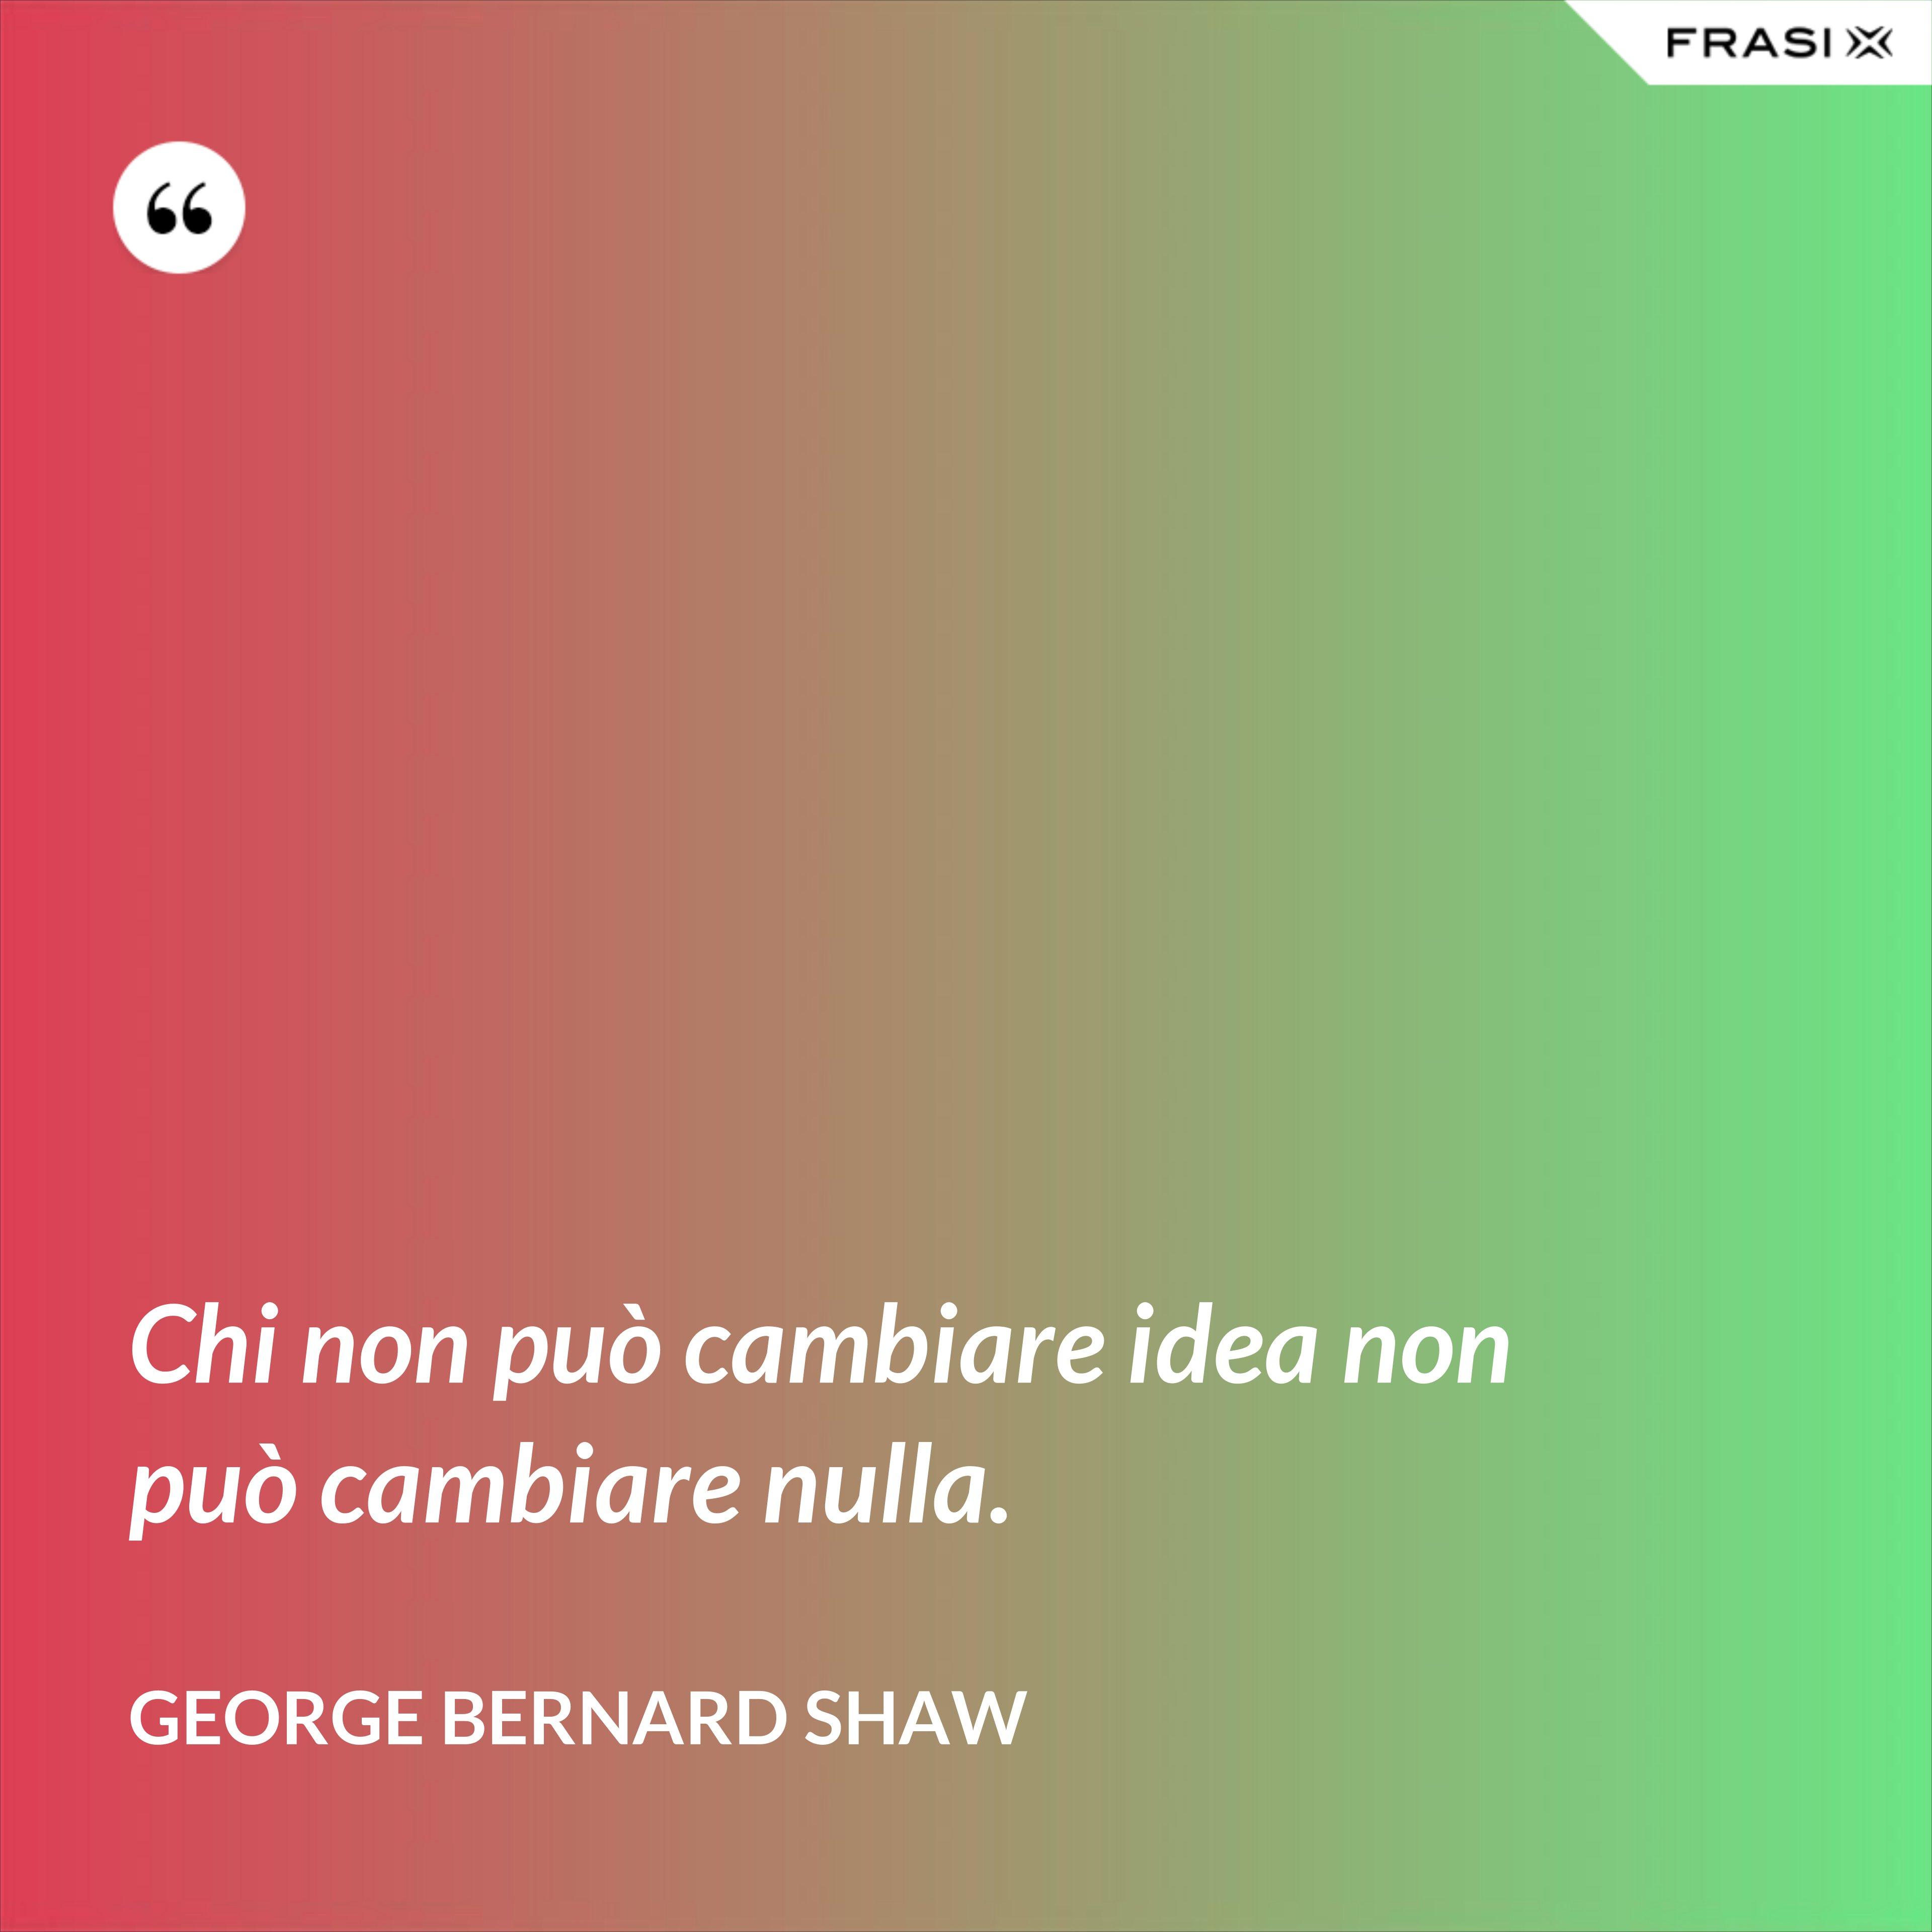 Chi non può cambiare idea non può cambiare nulla. - George Bernard Shaw